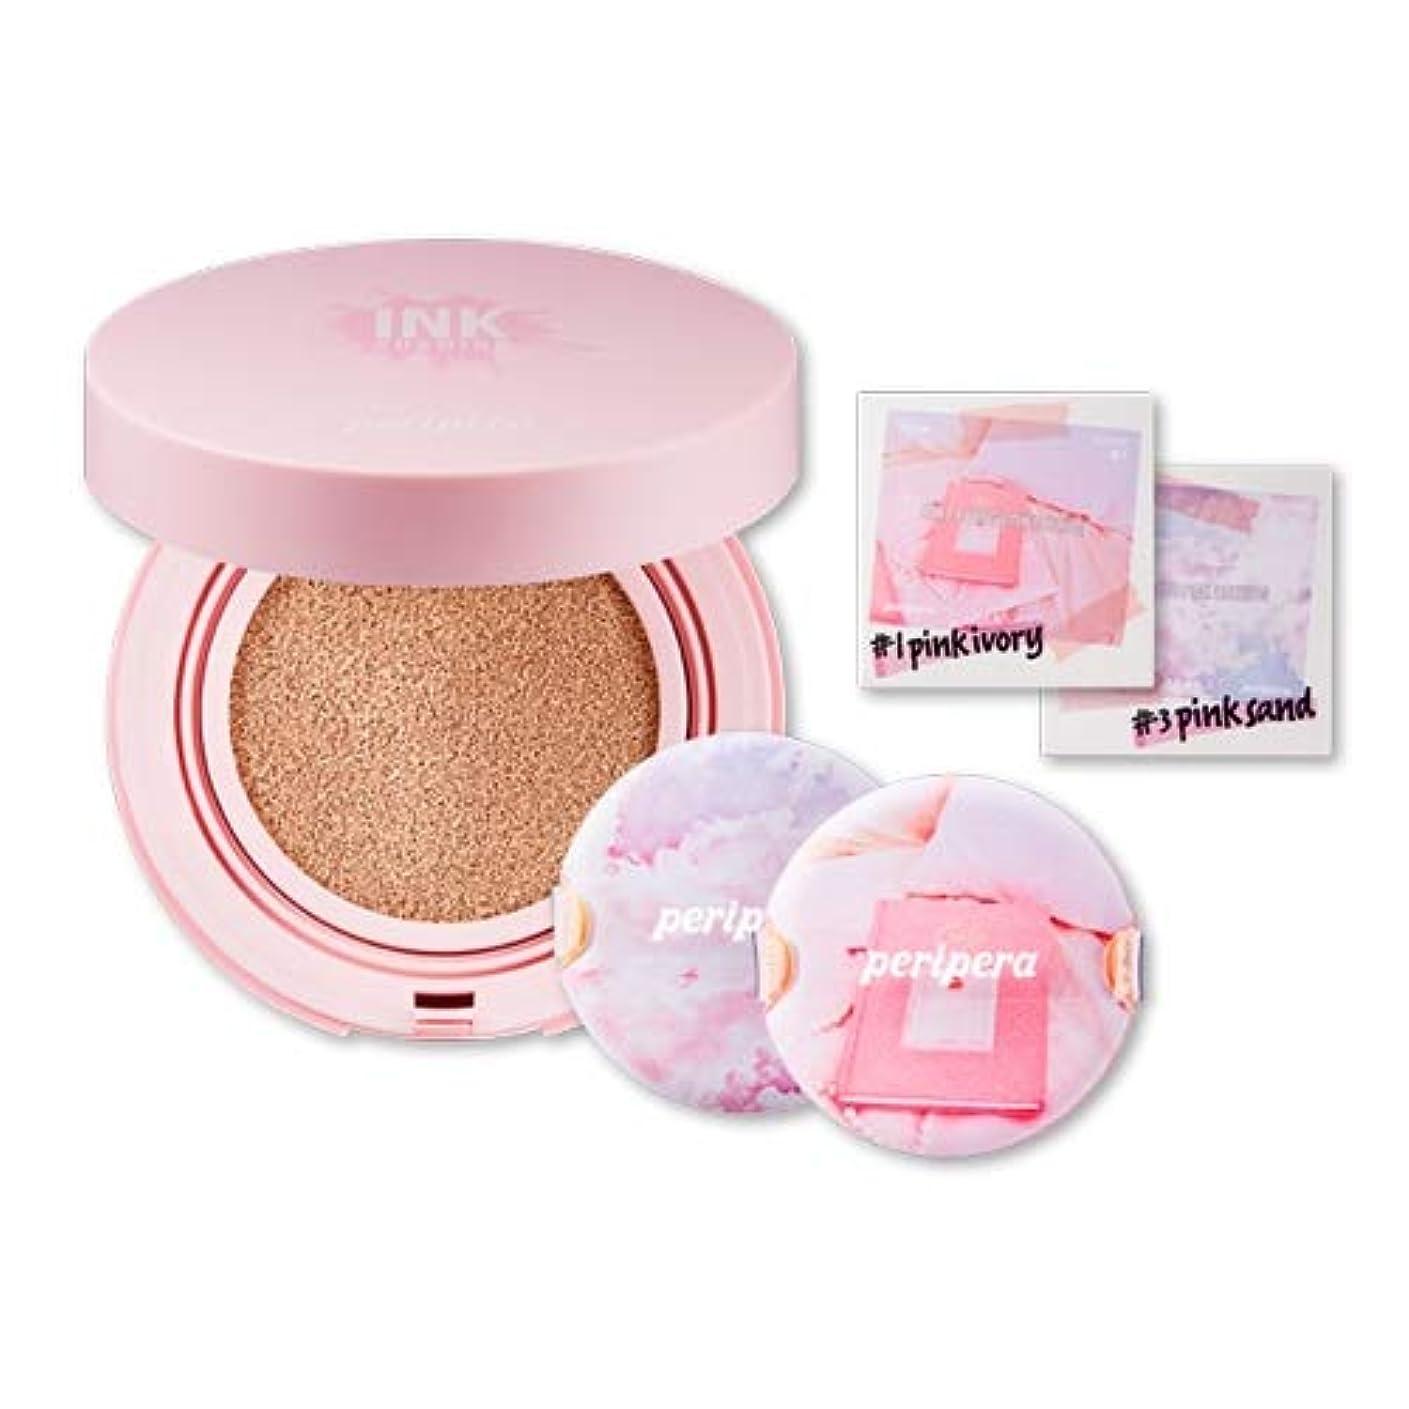 半球カリング好みPeripera ペリペラ [ピンクの瞬間] インクラスティング ピンク クッション [Pink-Moment] Inklasting Pink Cushion (#1 Pink Ivory) [並行輸入品]